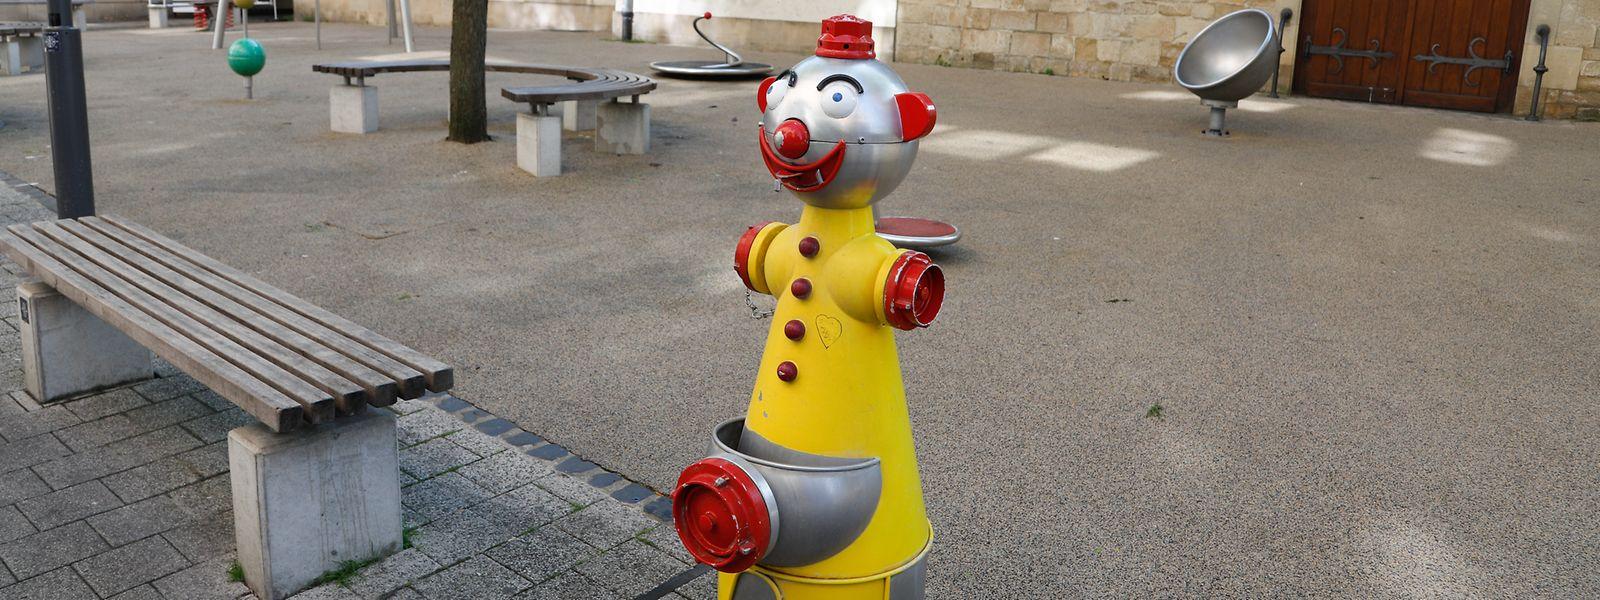 Auf Kinderspielplätzen werden bevorzugt Wasserfontänen in Clown-Form aufgestellt.